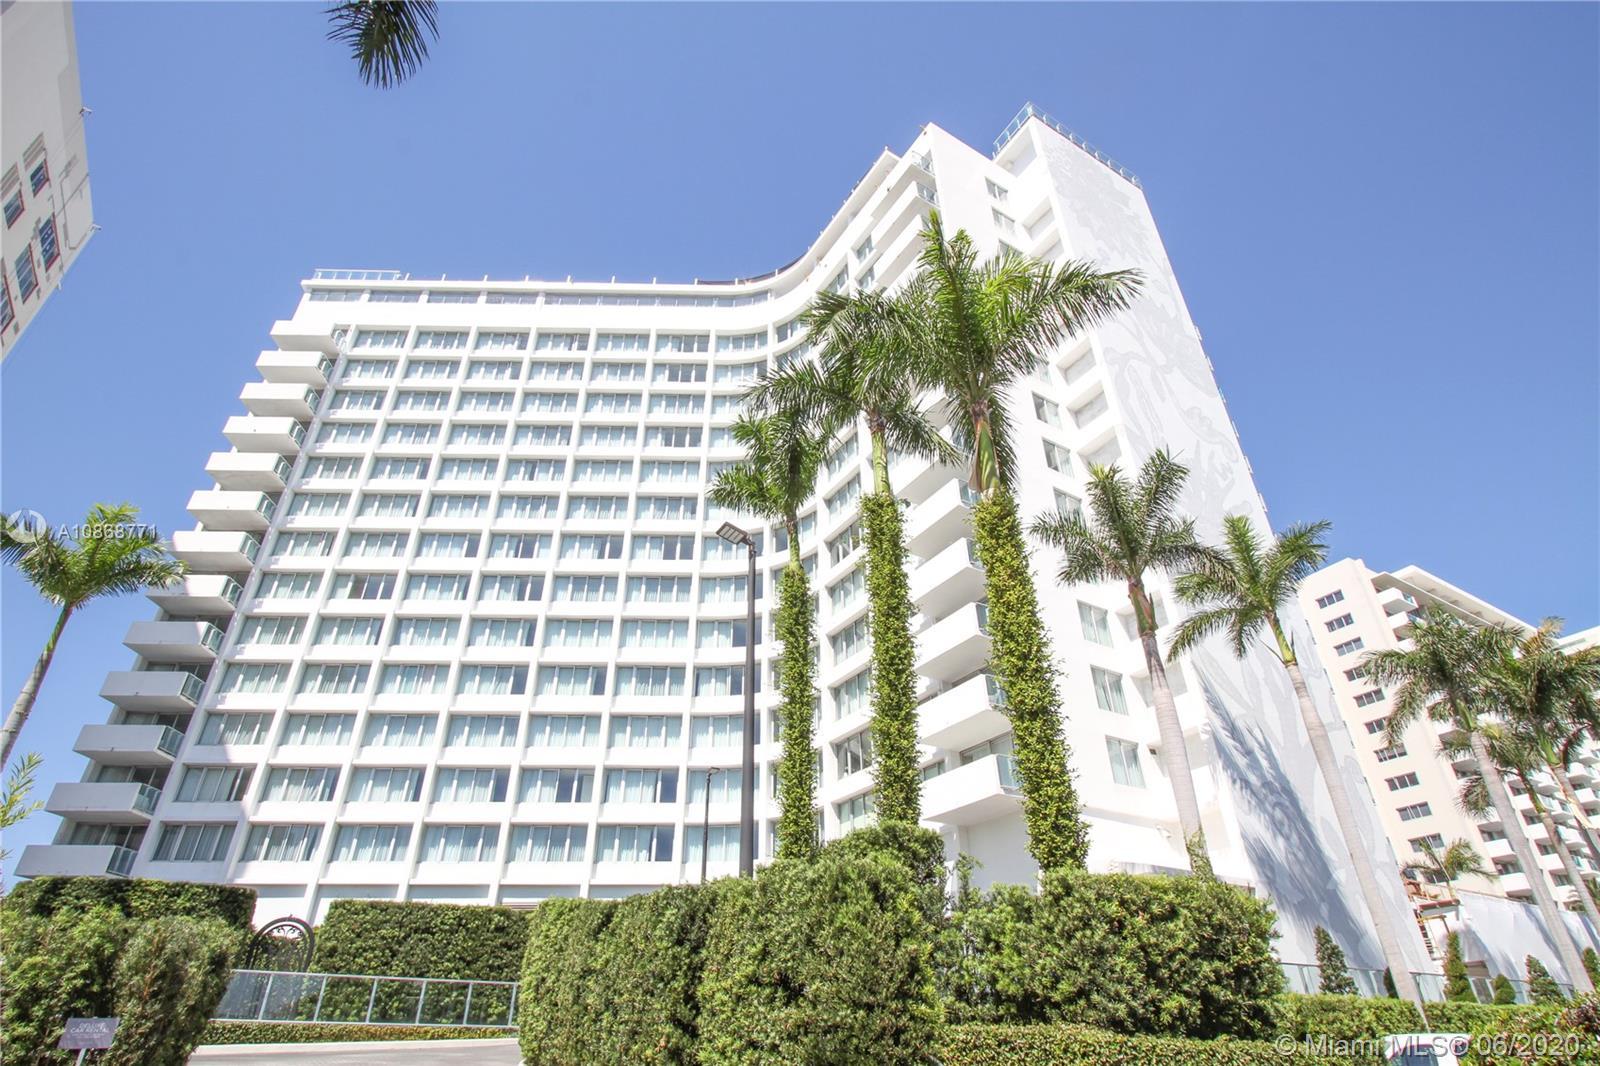 Mondrian South Beach #317 - 12 - photo